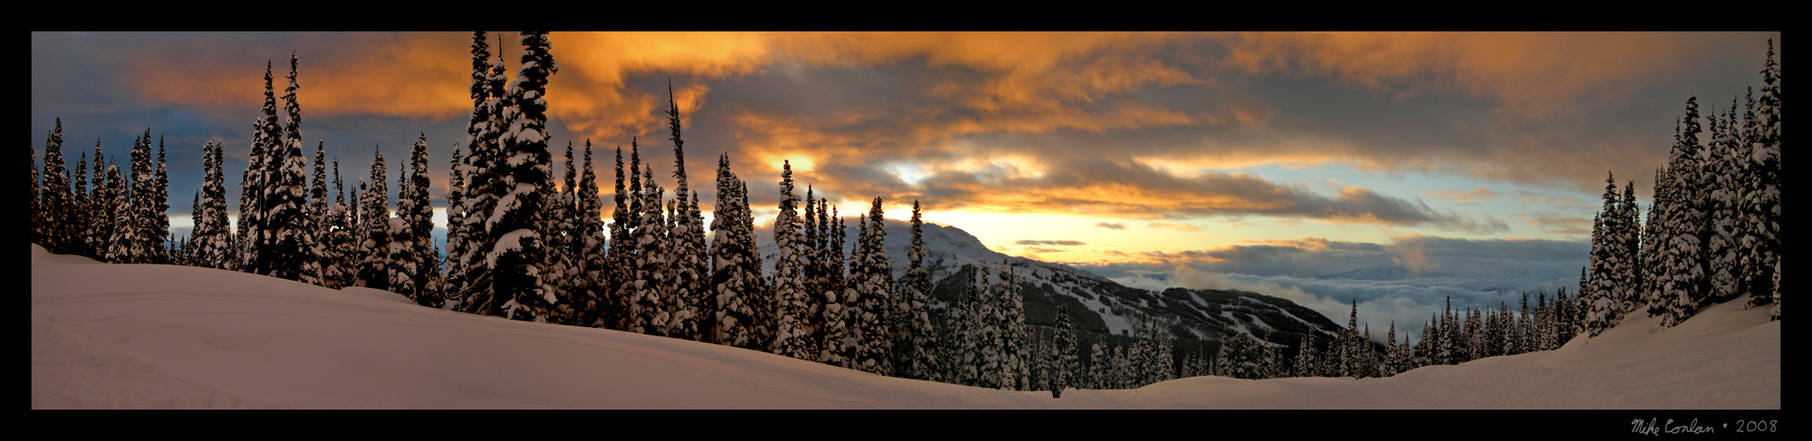 Sunset over Whistler